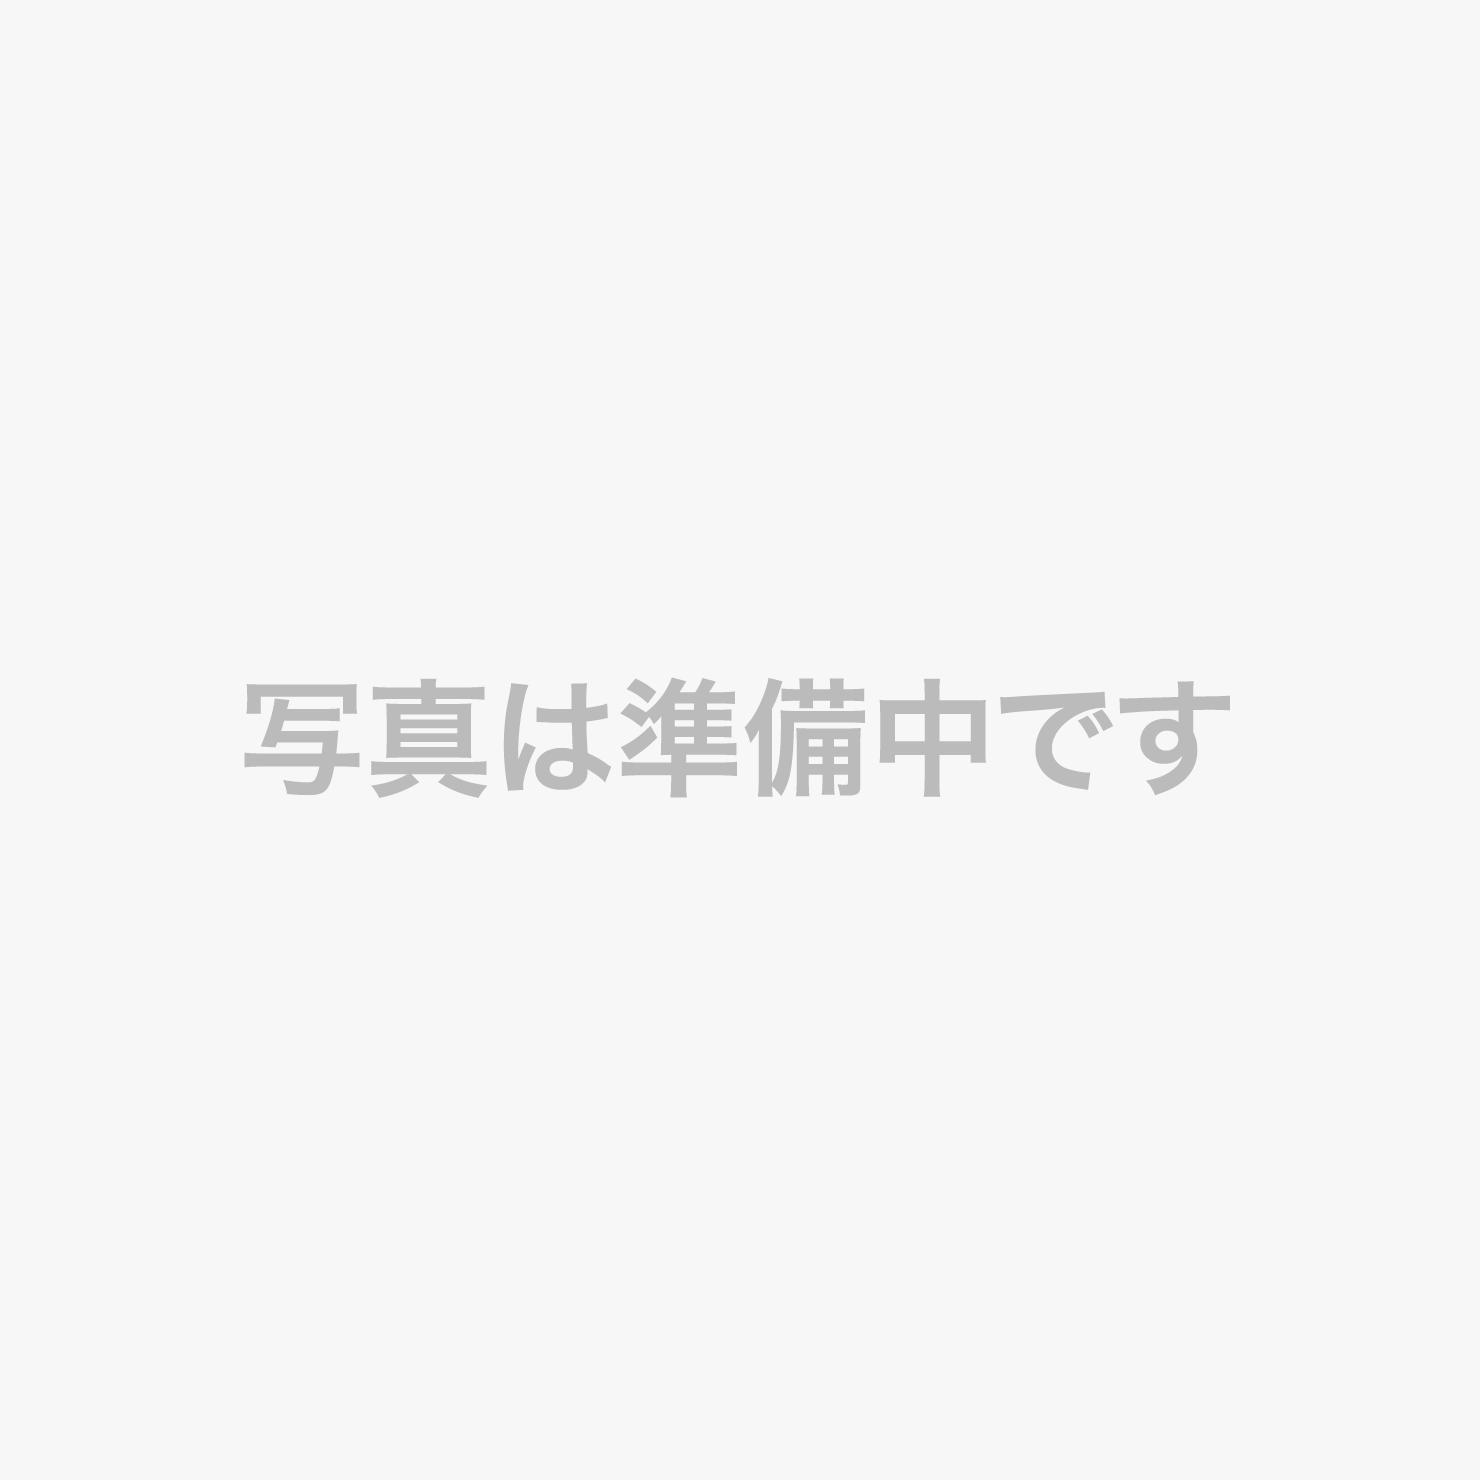 【メインタワー新ルーム】デラックスルーム(53平米/2~6名様)2017年2月リニューアルOPEN!